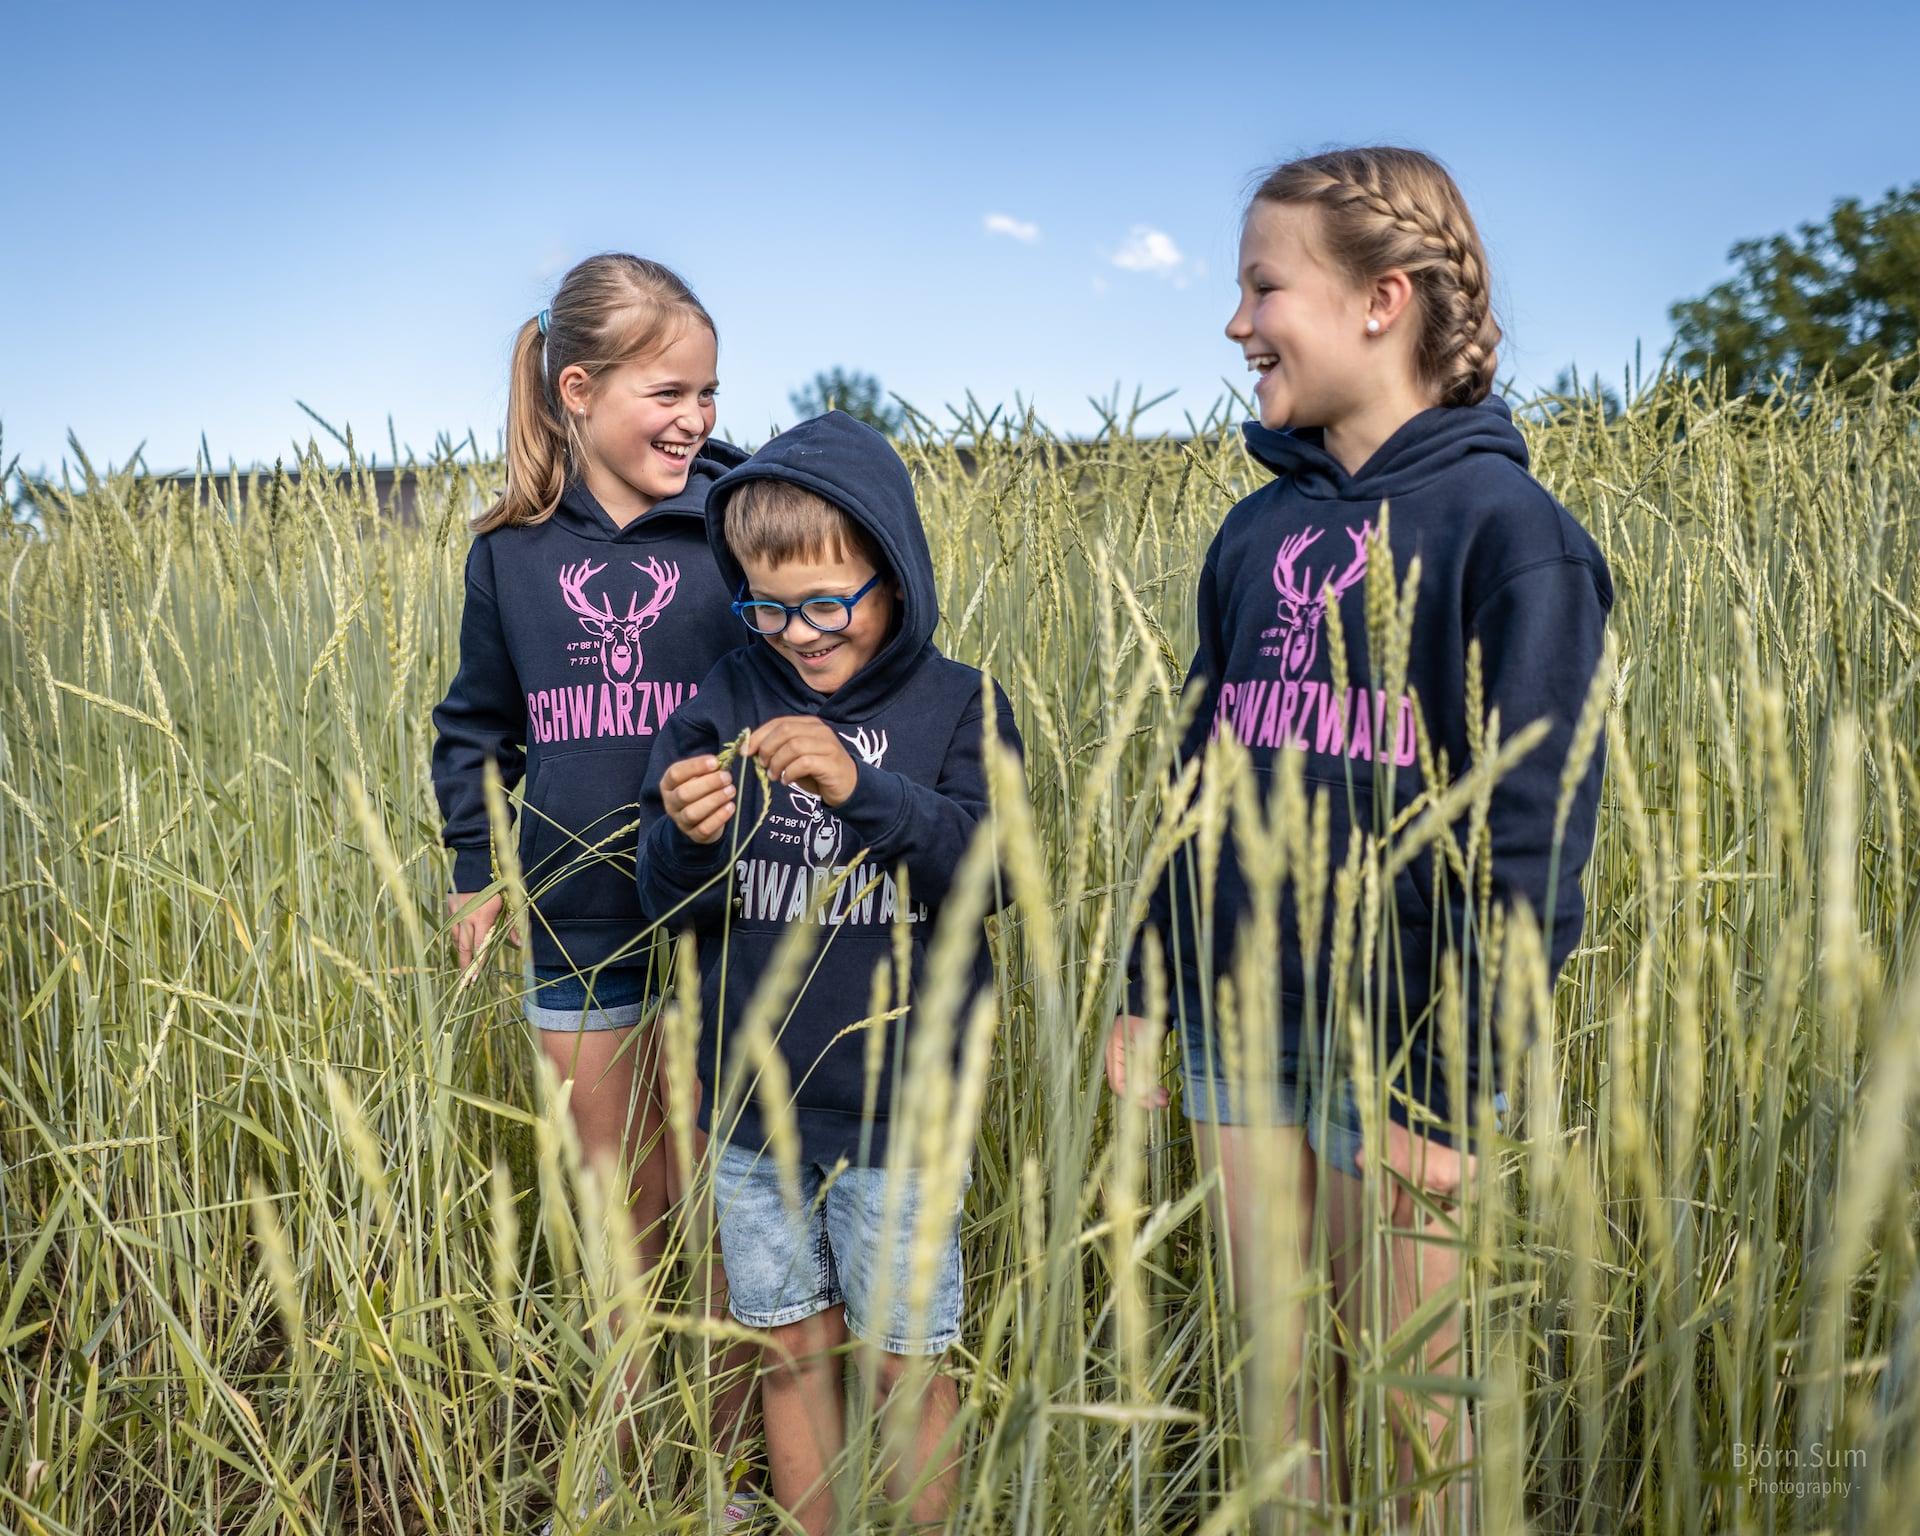 Schwarzwald-Pullis jetzt auch für Kids